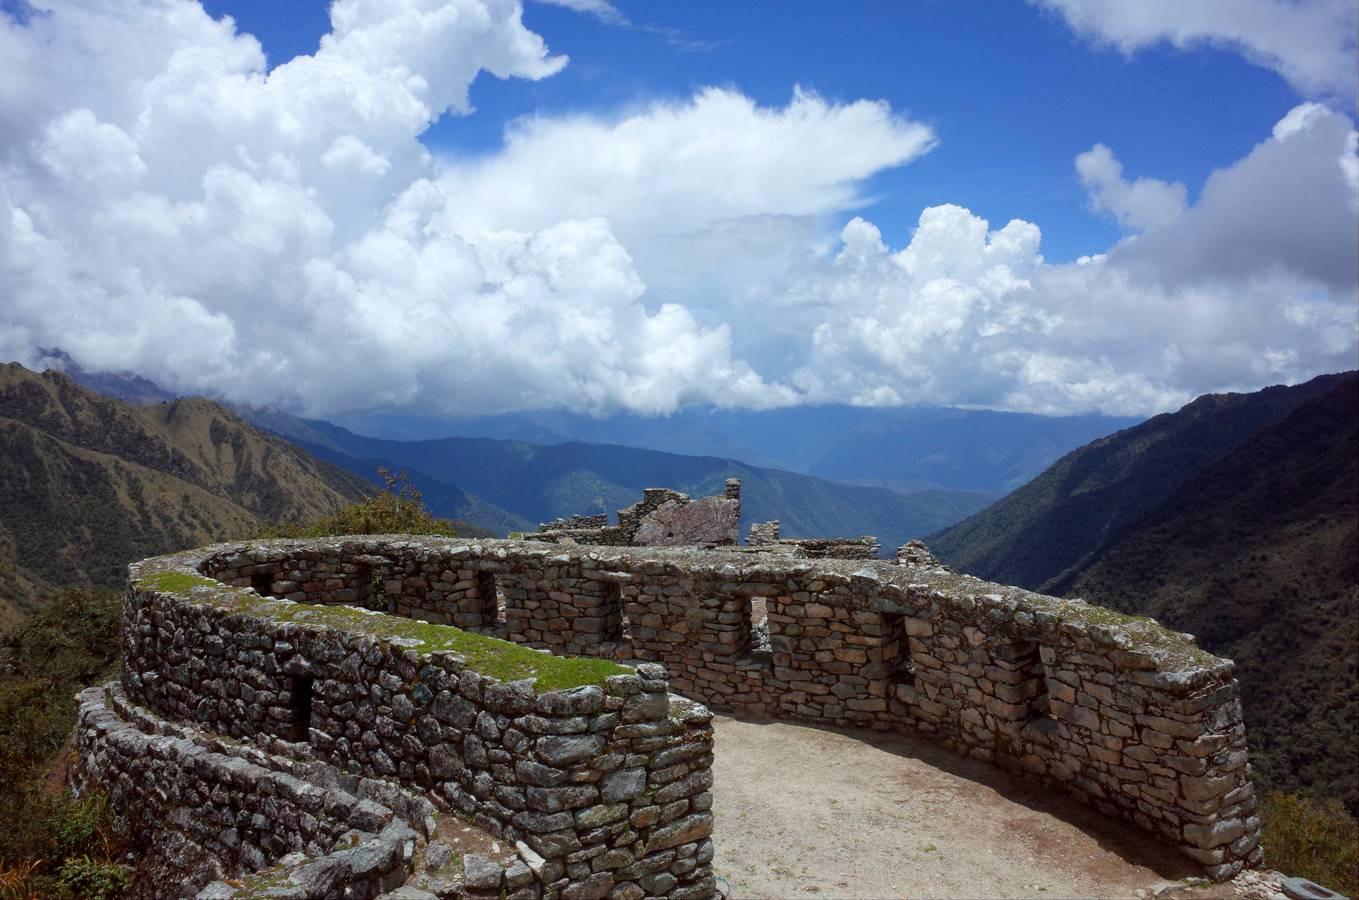 De ruines van Sayacmarca